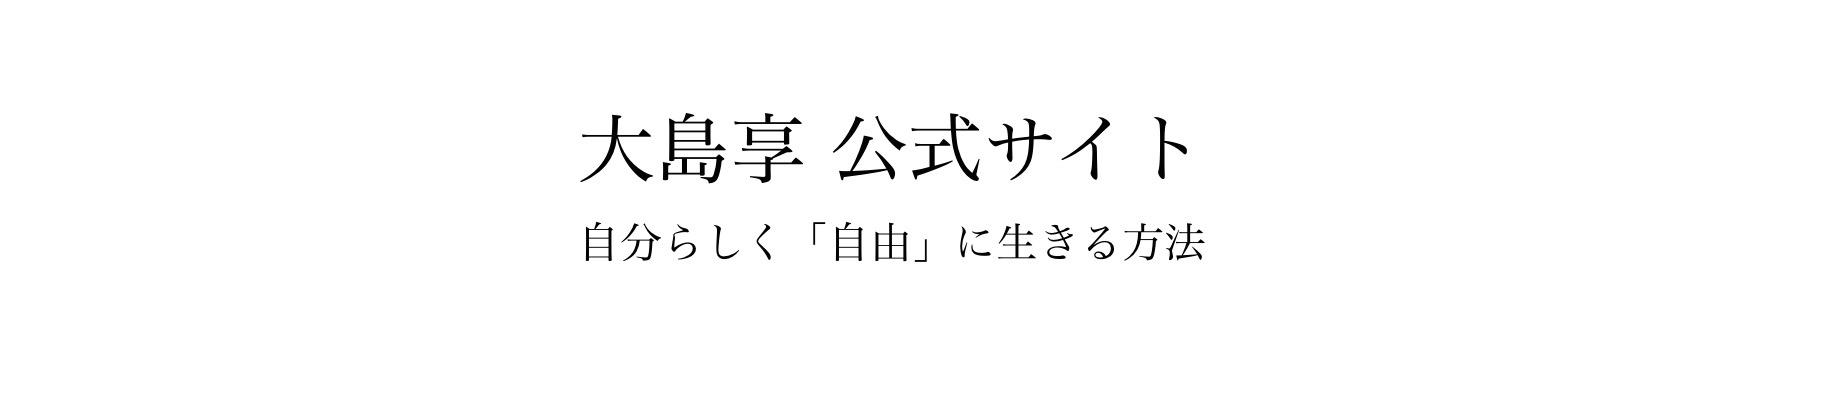 大島享公式サイト〜自分らしく自由に生きる方法〜